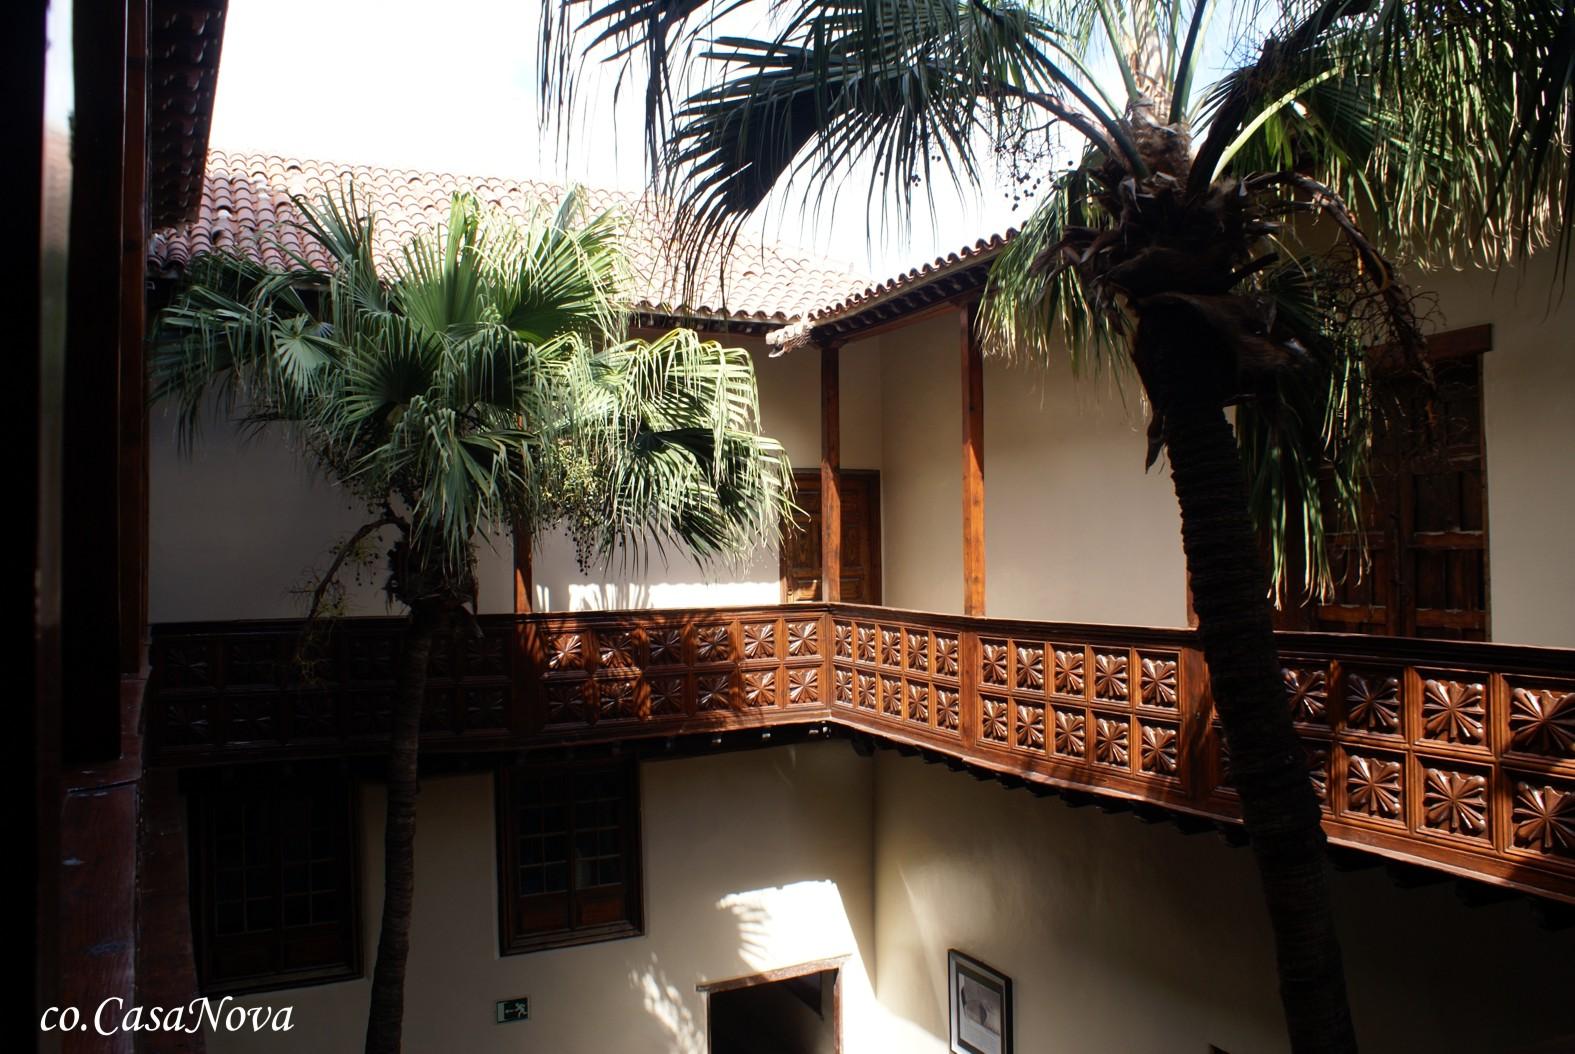 alles rund um teneriffa und casa nova wundersch ne balkone. Black Bedroom Furniture Sets. Home Design Ideas